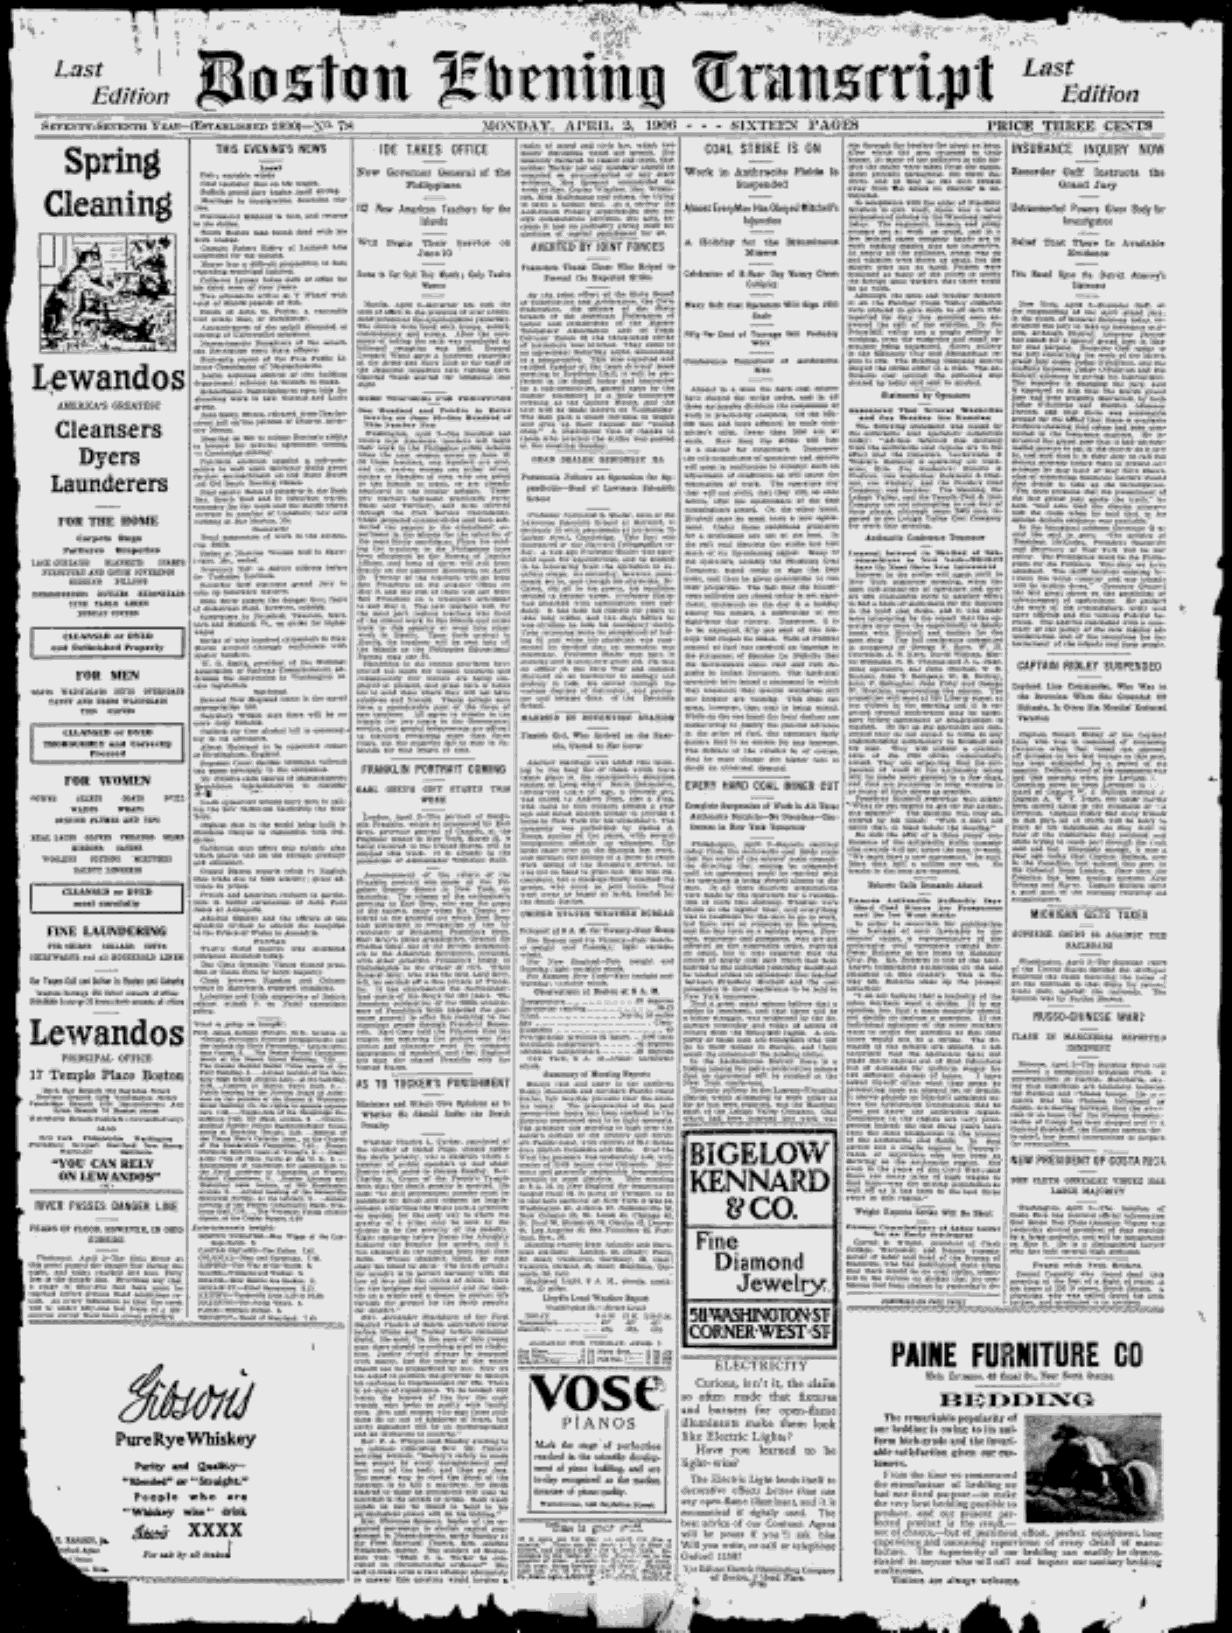 Boston Evening Transcript - Google News Archive Search